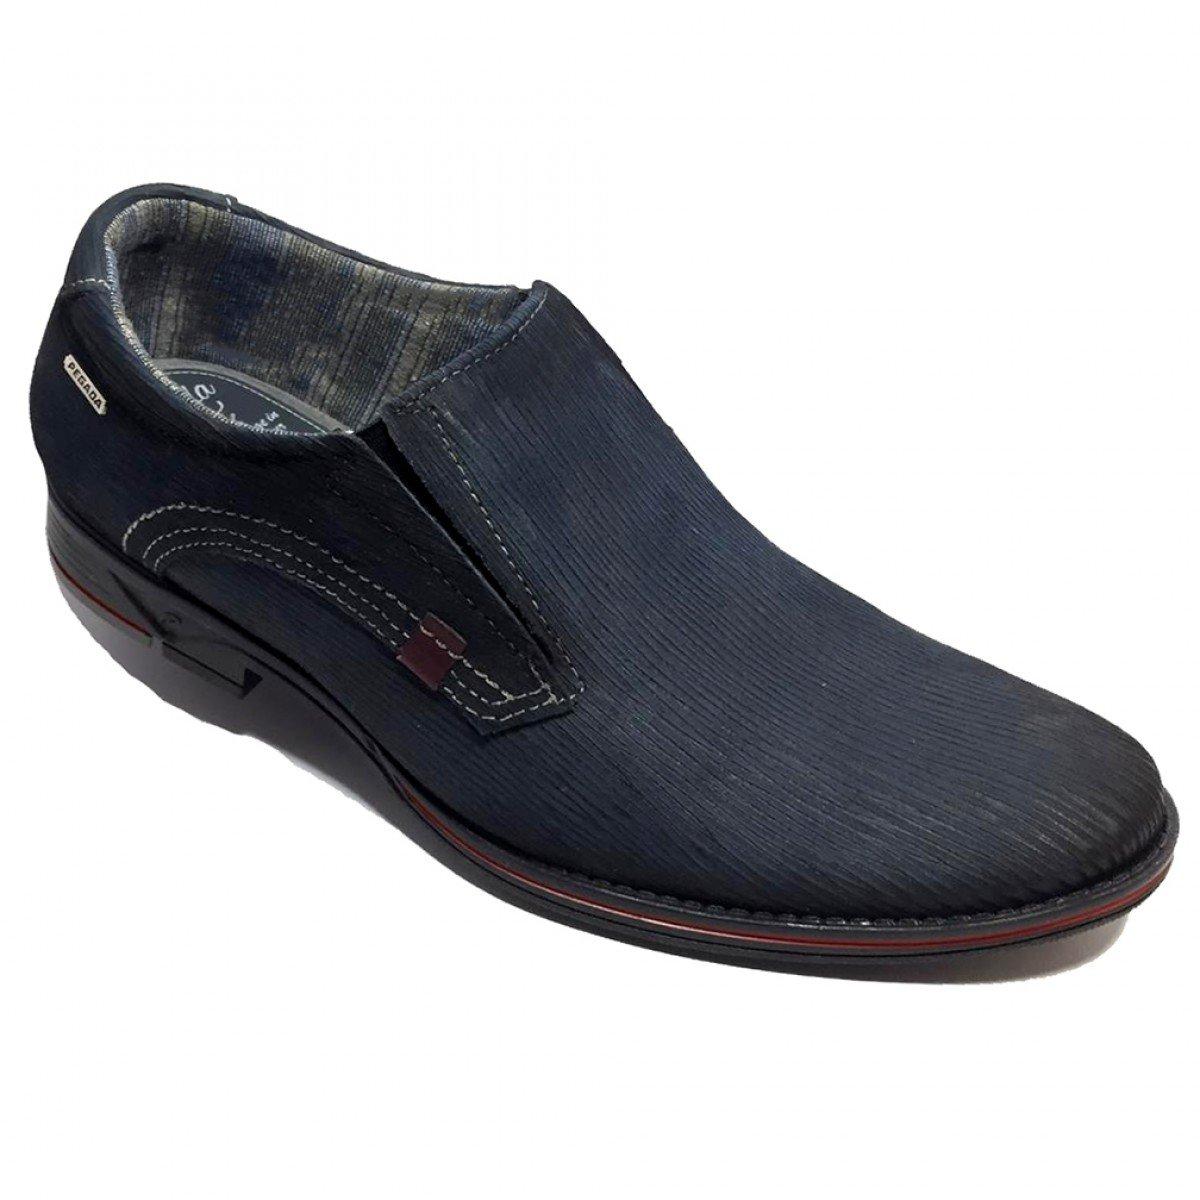 23302f4cf Sapato Social Masculino Pegada Couro Royal - Compre Agora